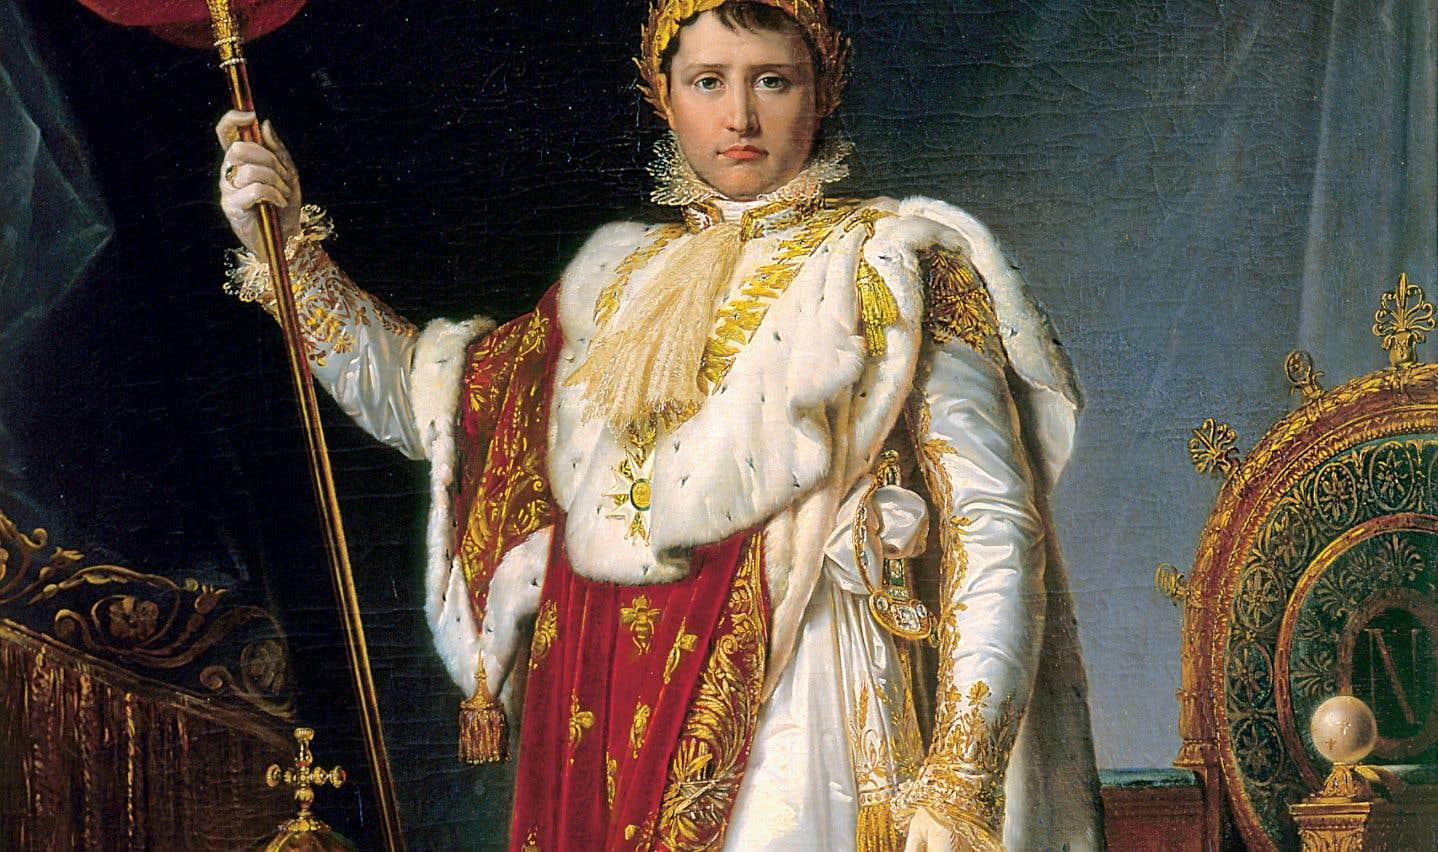 François-Pascal-Simon Gérard (1770-1837), «Portrait de Napoléon en grand habillement» (détail), 1805, huile sur toile, château de Fontainebleau, musée Napoléon Ier